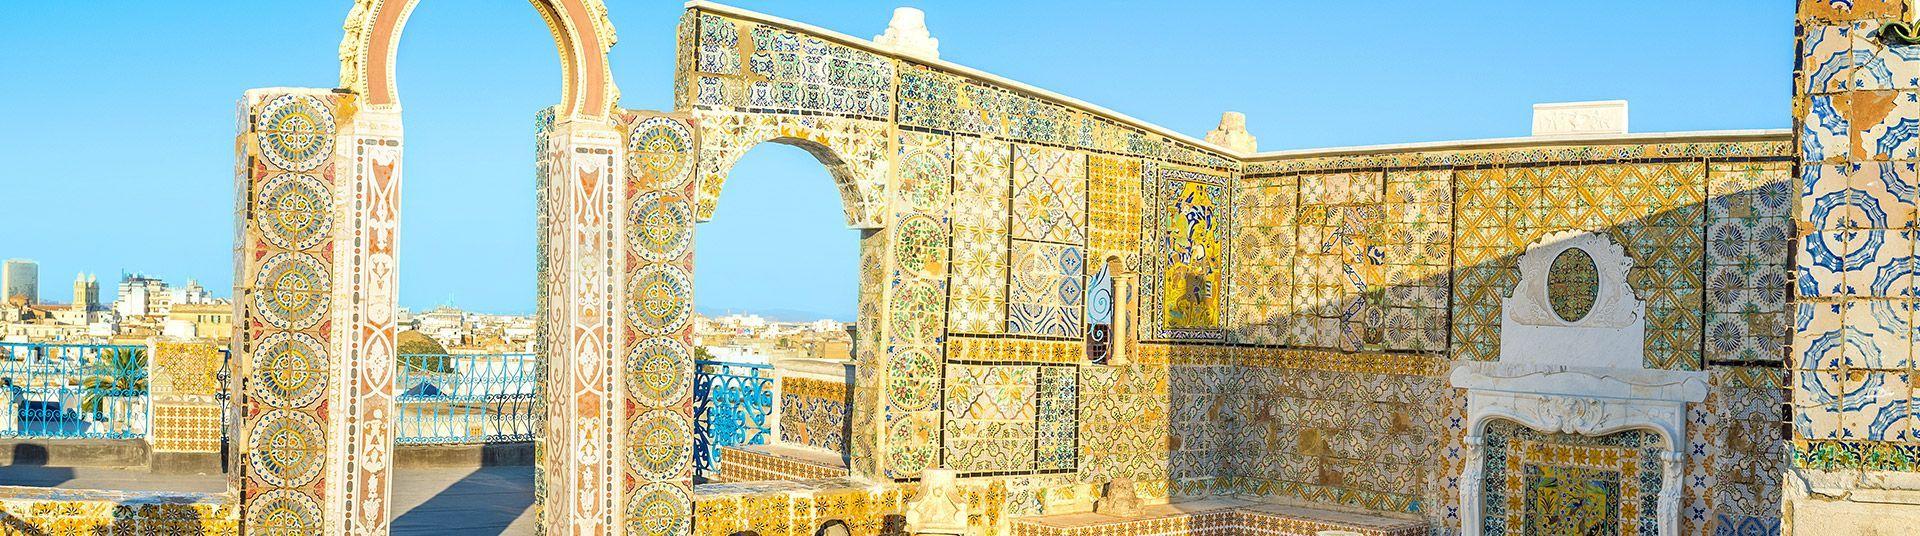 tunisie discount vol charter